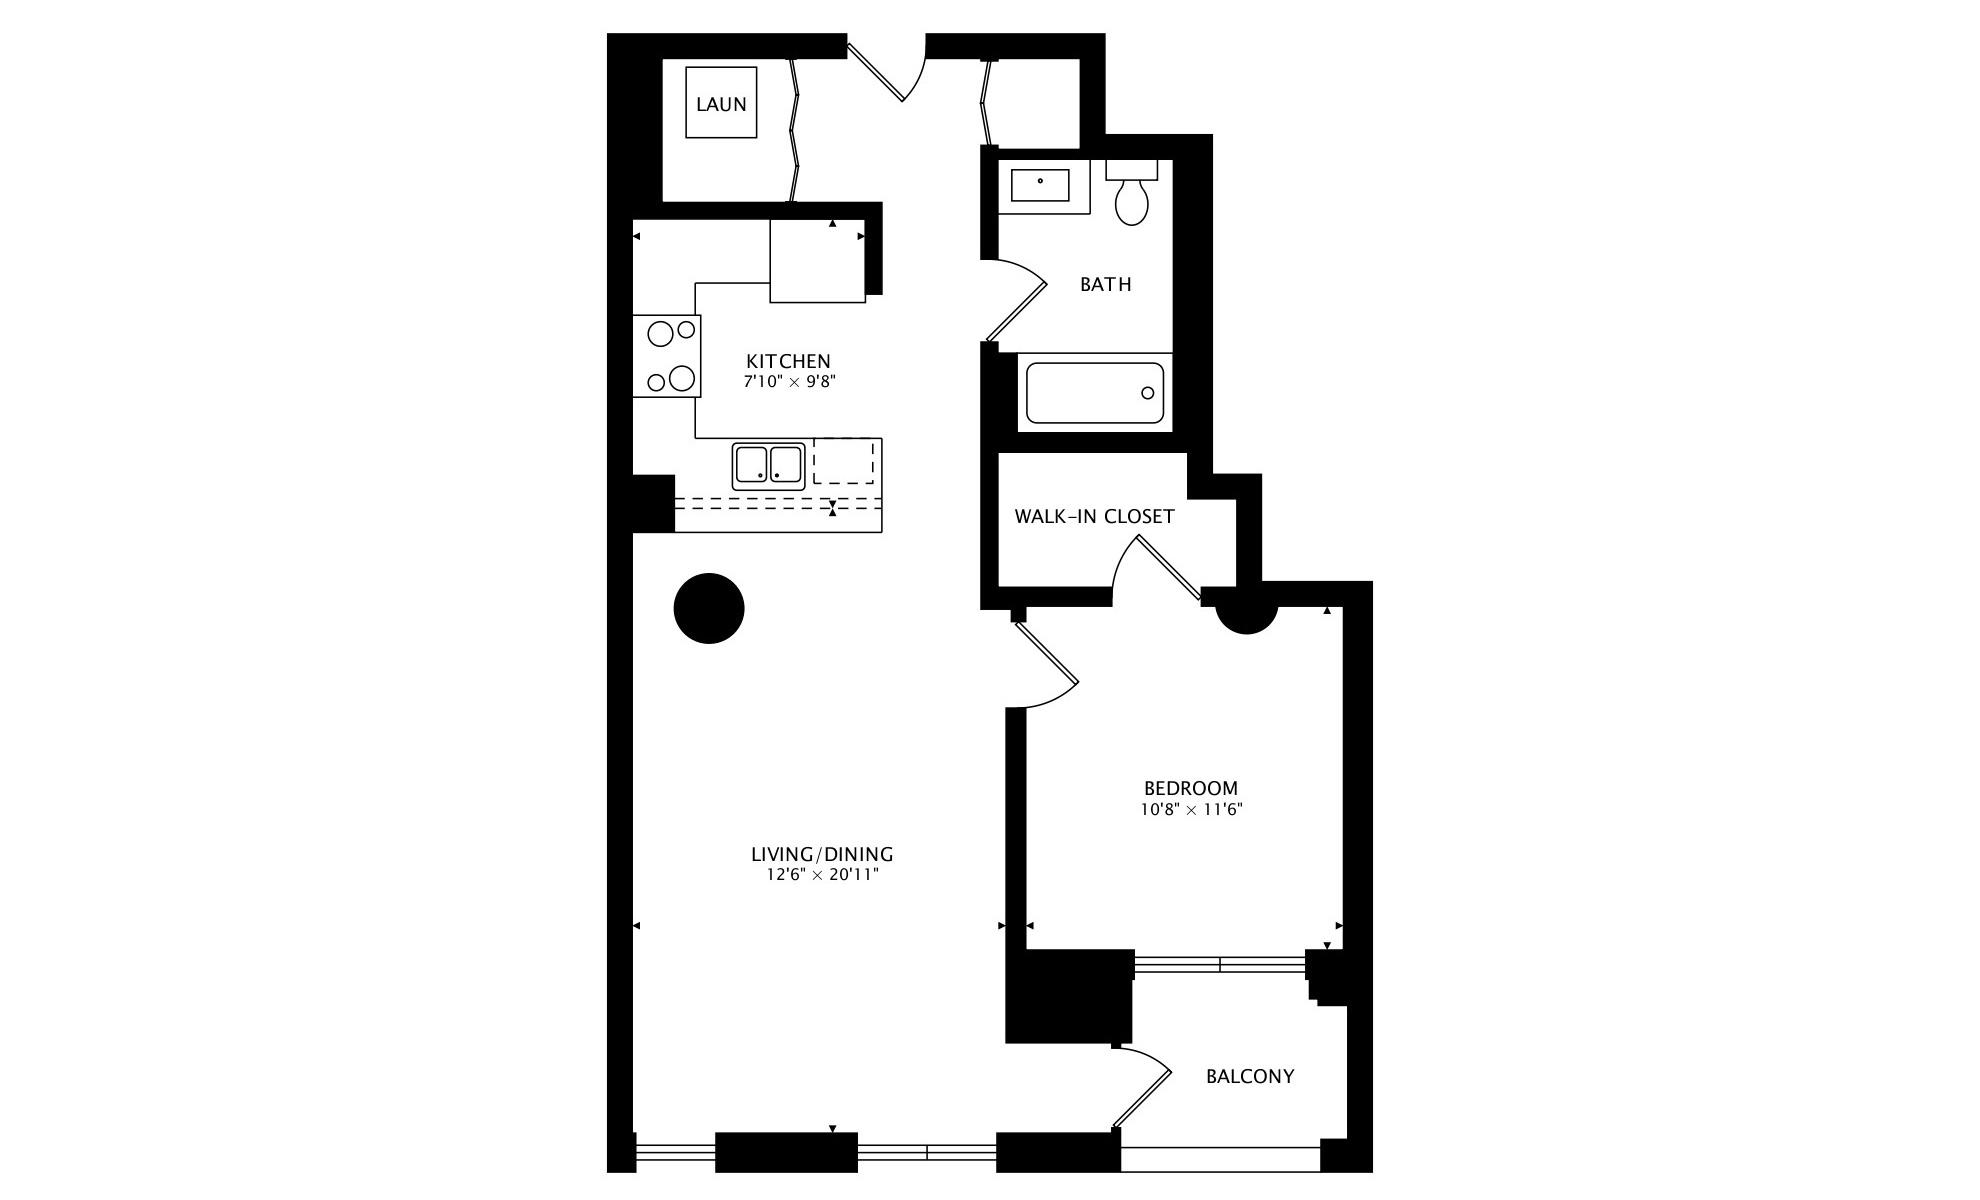 1255-south-state-street-1814-floor-plan.jpg